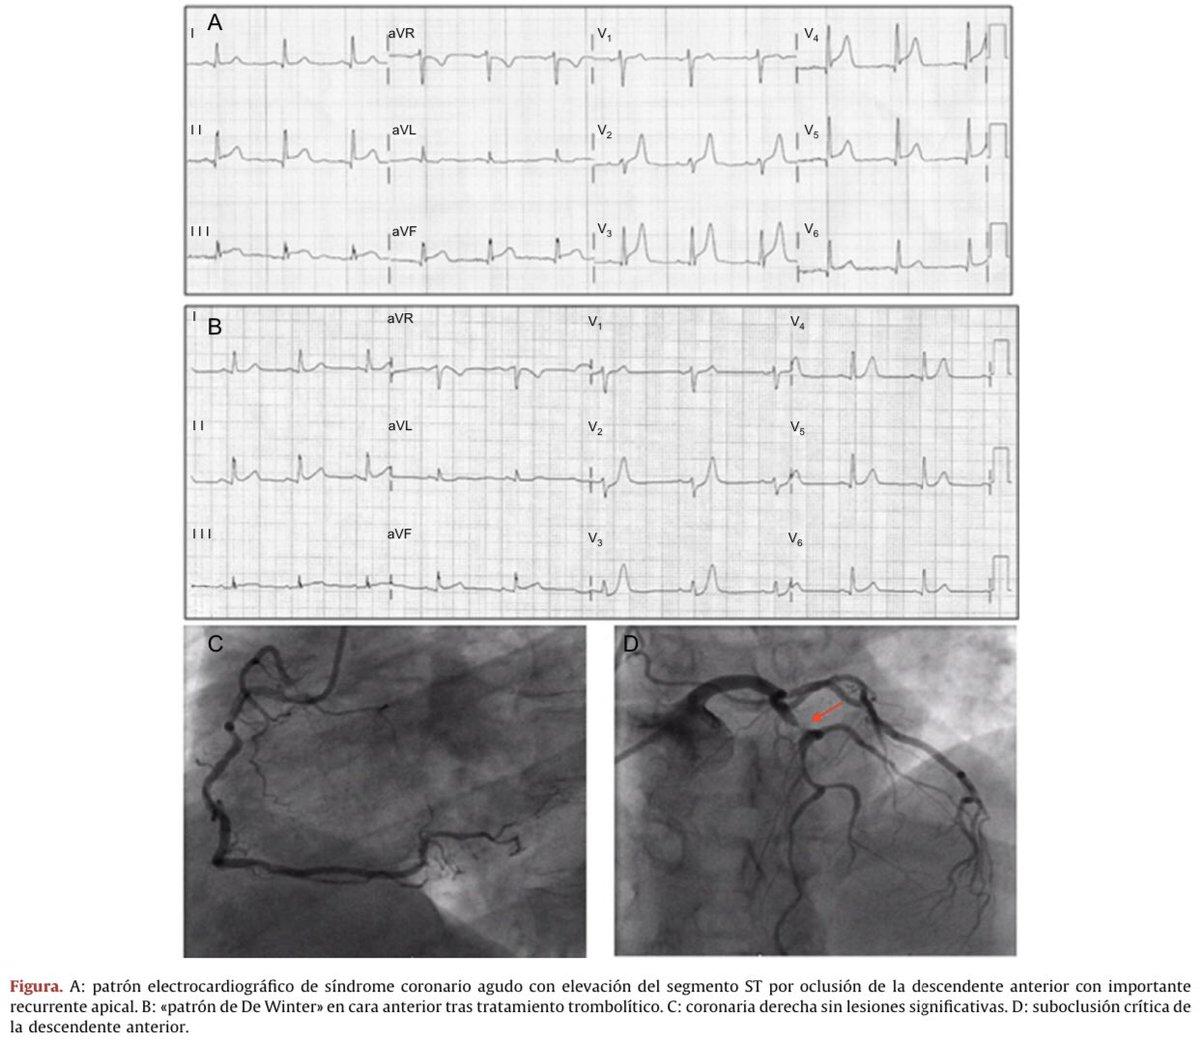 C algoritmo de tratamiento difficile para la hipertensión